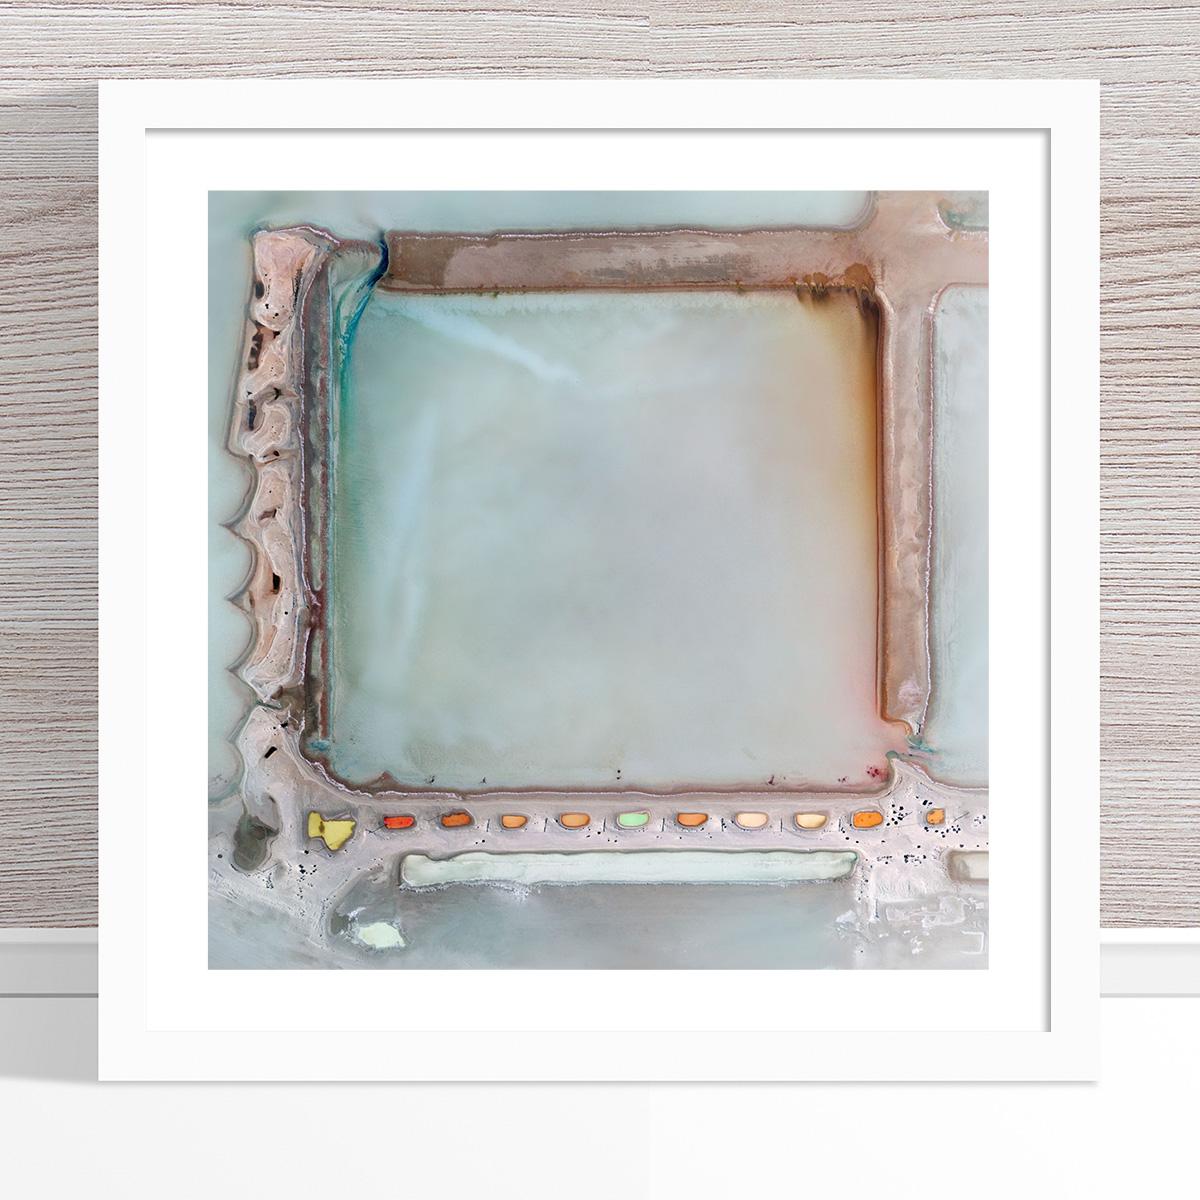 Chris Saunders - 'Aerial Salt 022' White Frame